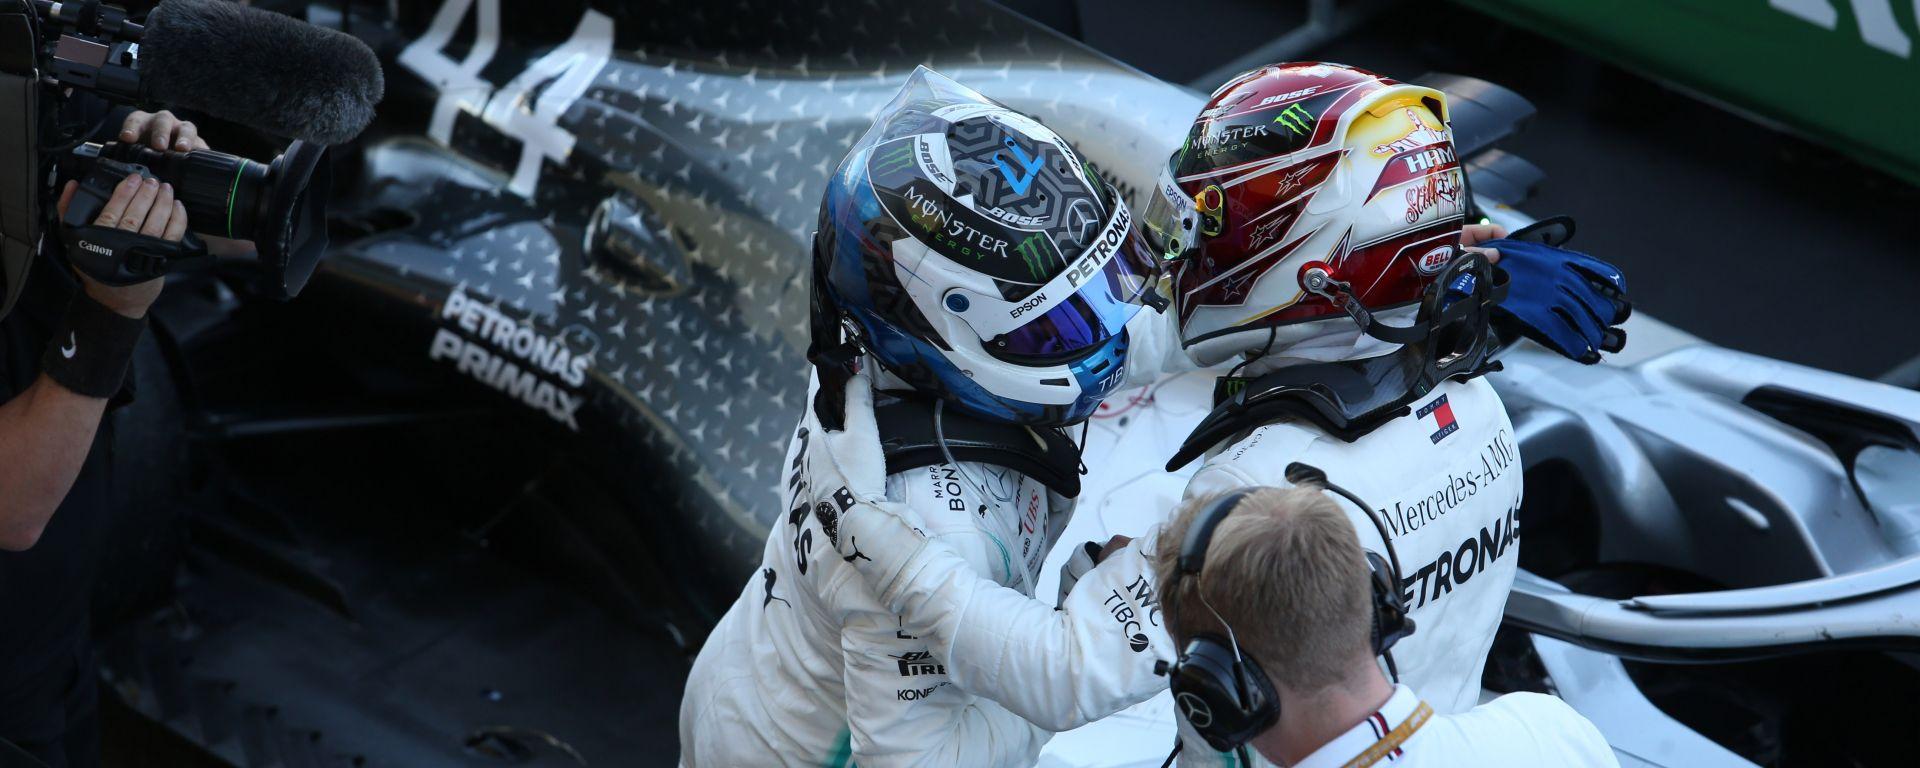 F1, GP Giappone 2019: Lewis Hamilton si complimenta con Valtteri Bottas